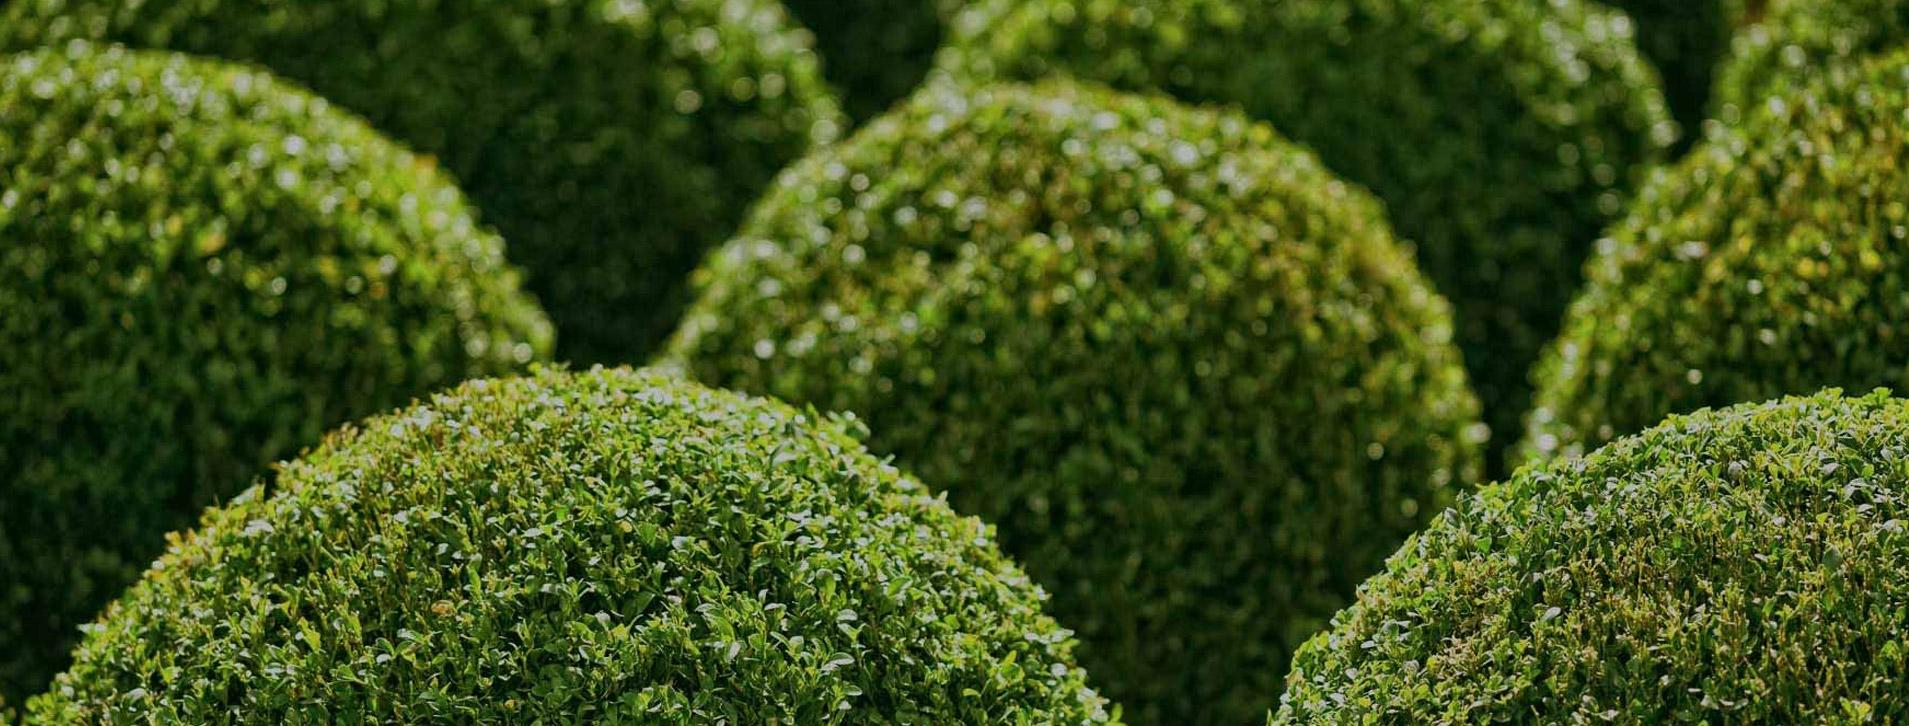 umweltfreundlich_nachhaltig_anbau_regionale_pflanzen_bayern